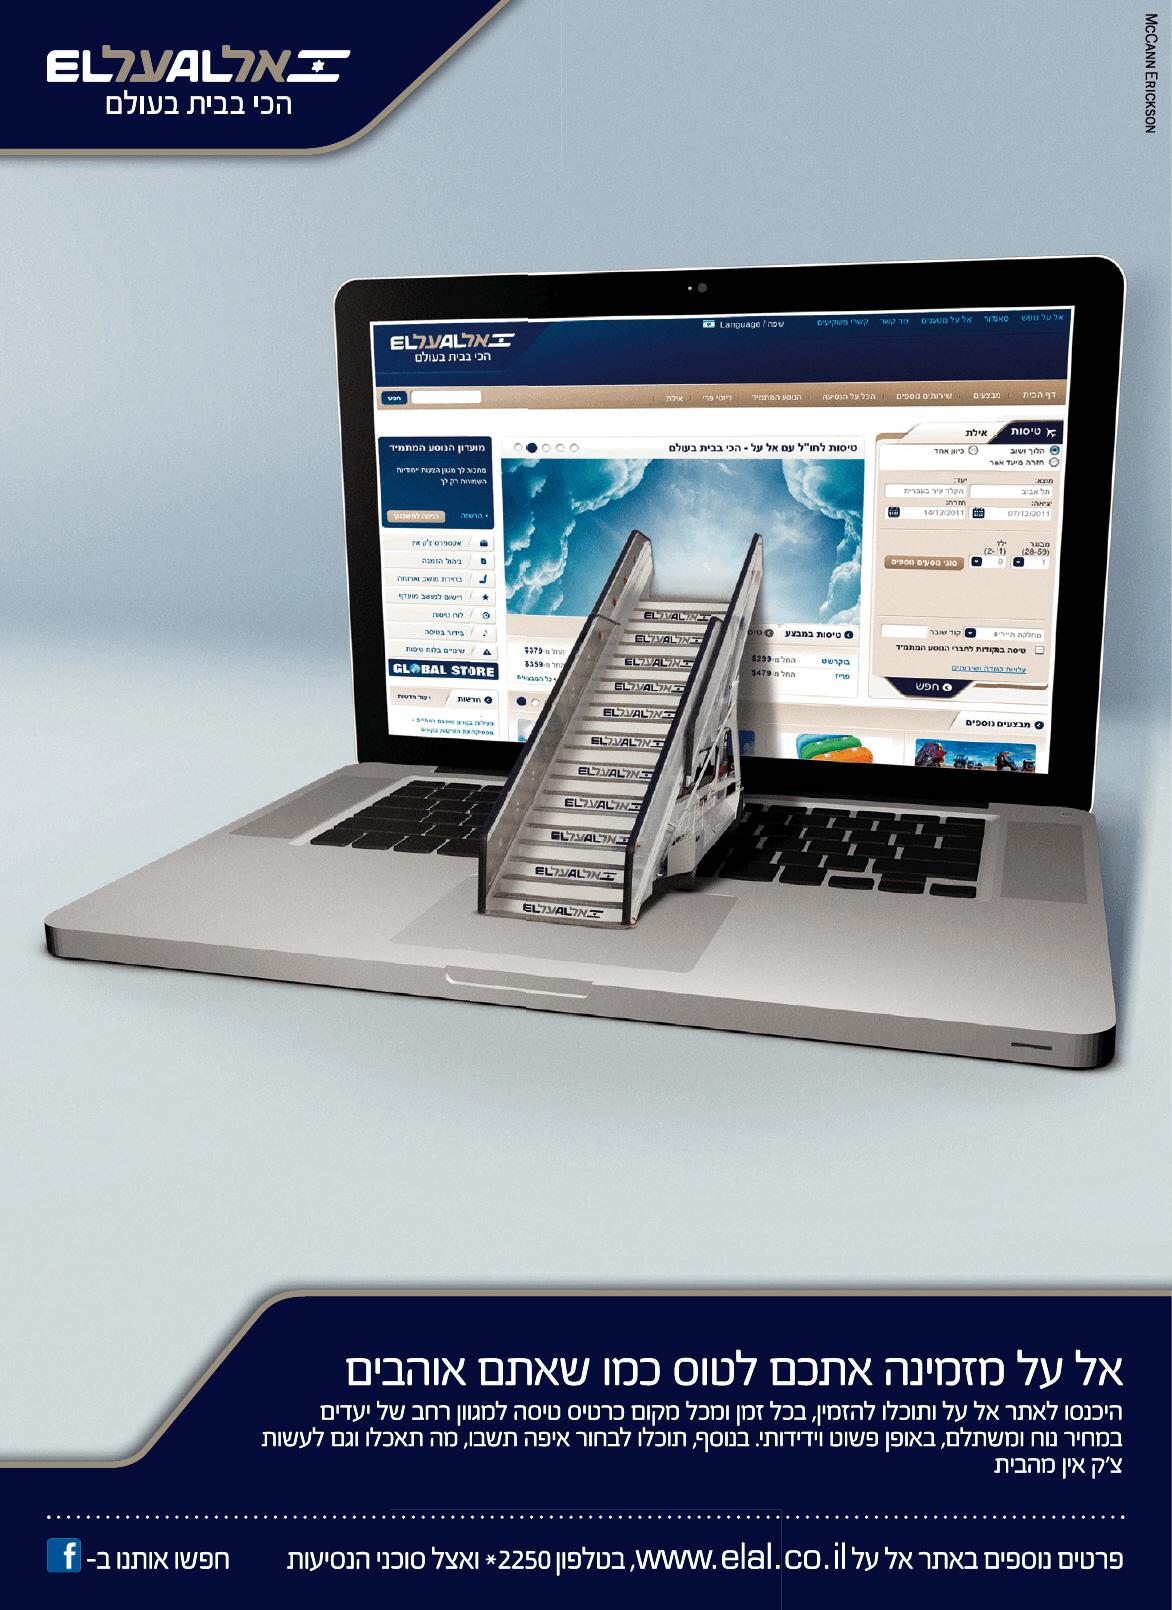 אל על - שירות טרום טיסה באינטרנט